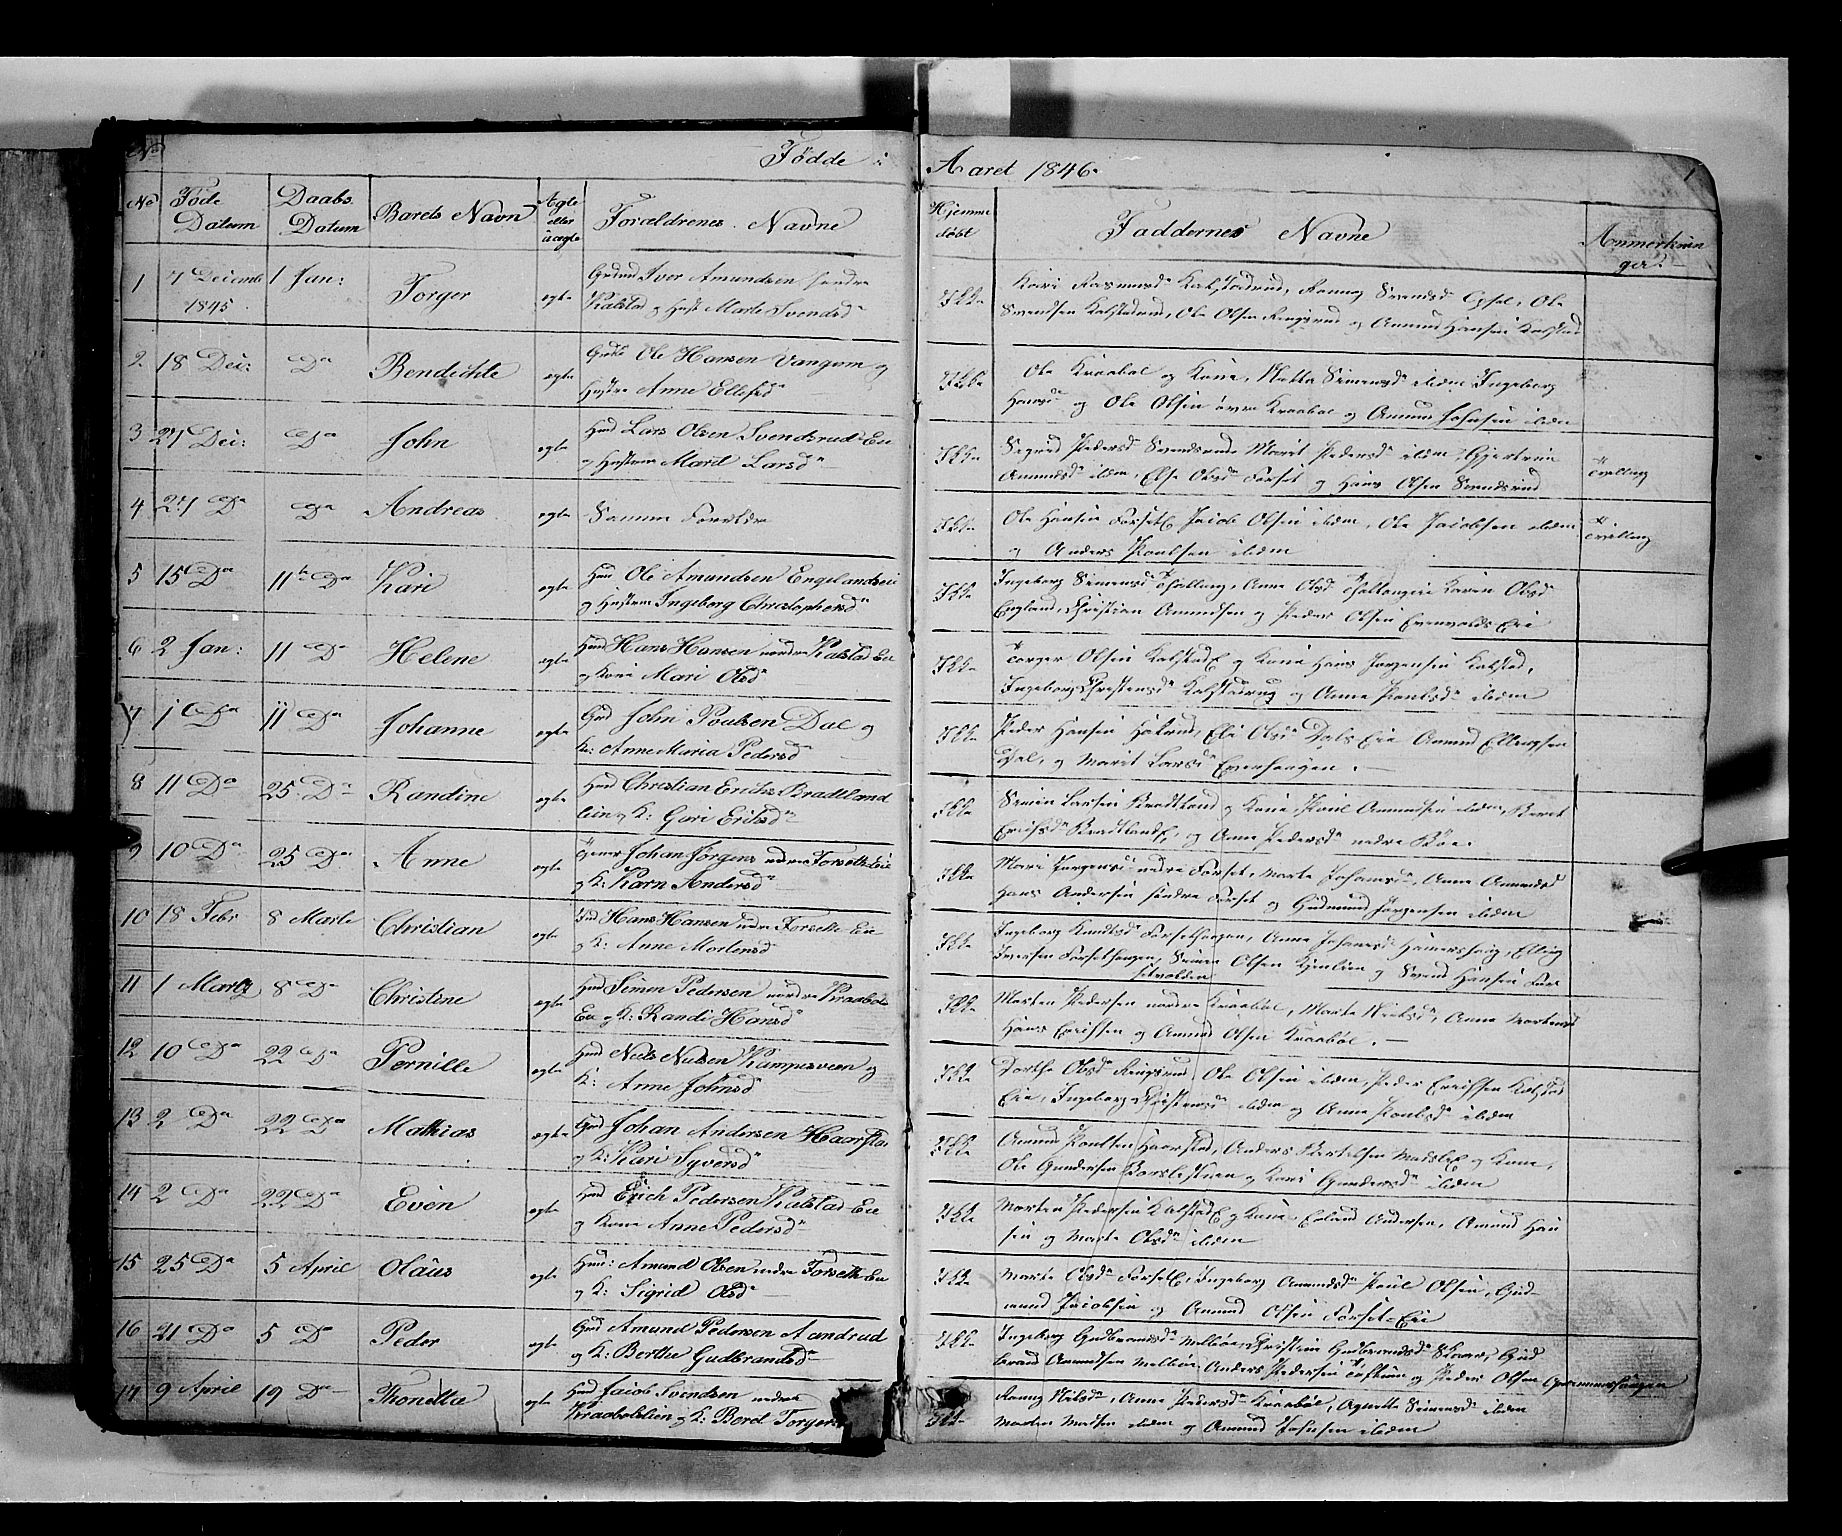 SAH, Gausdal prestekontor, Klokkerbok nr. 5, 1846-1867, s. 1